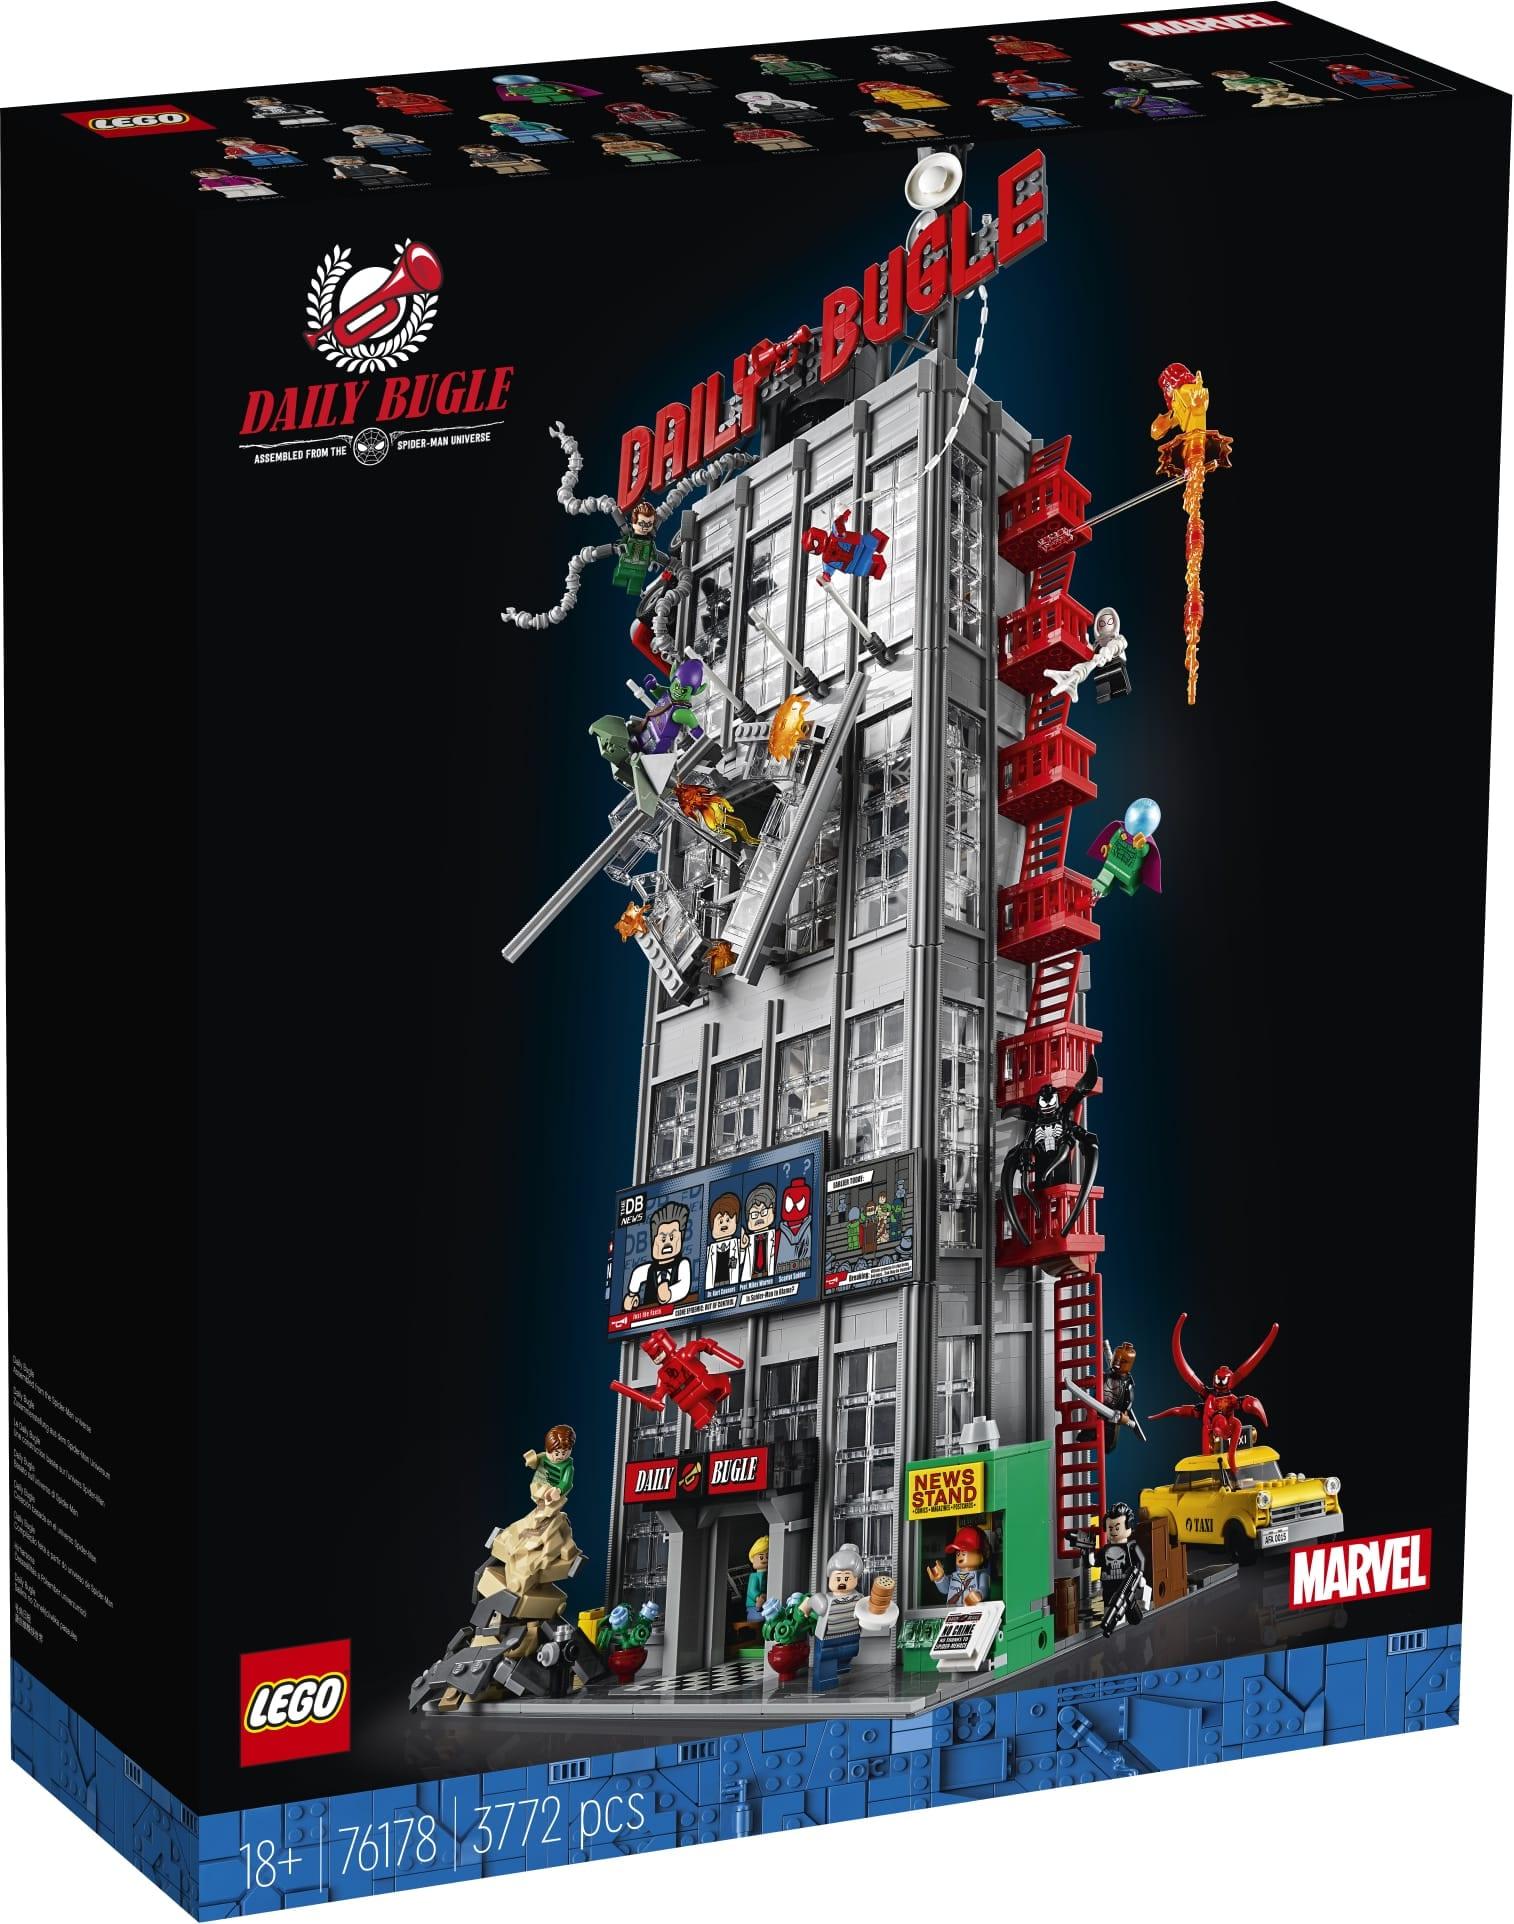 LEGO Daily Bugle